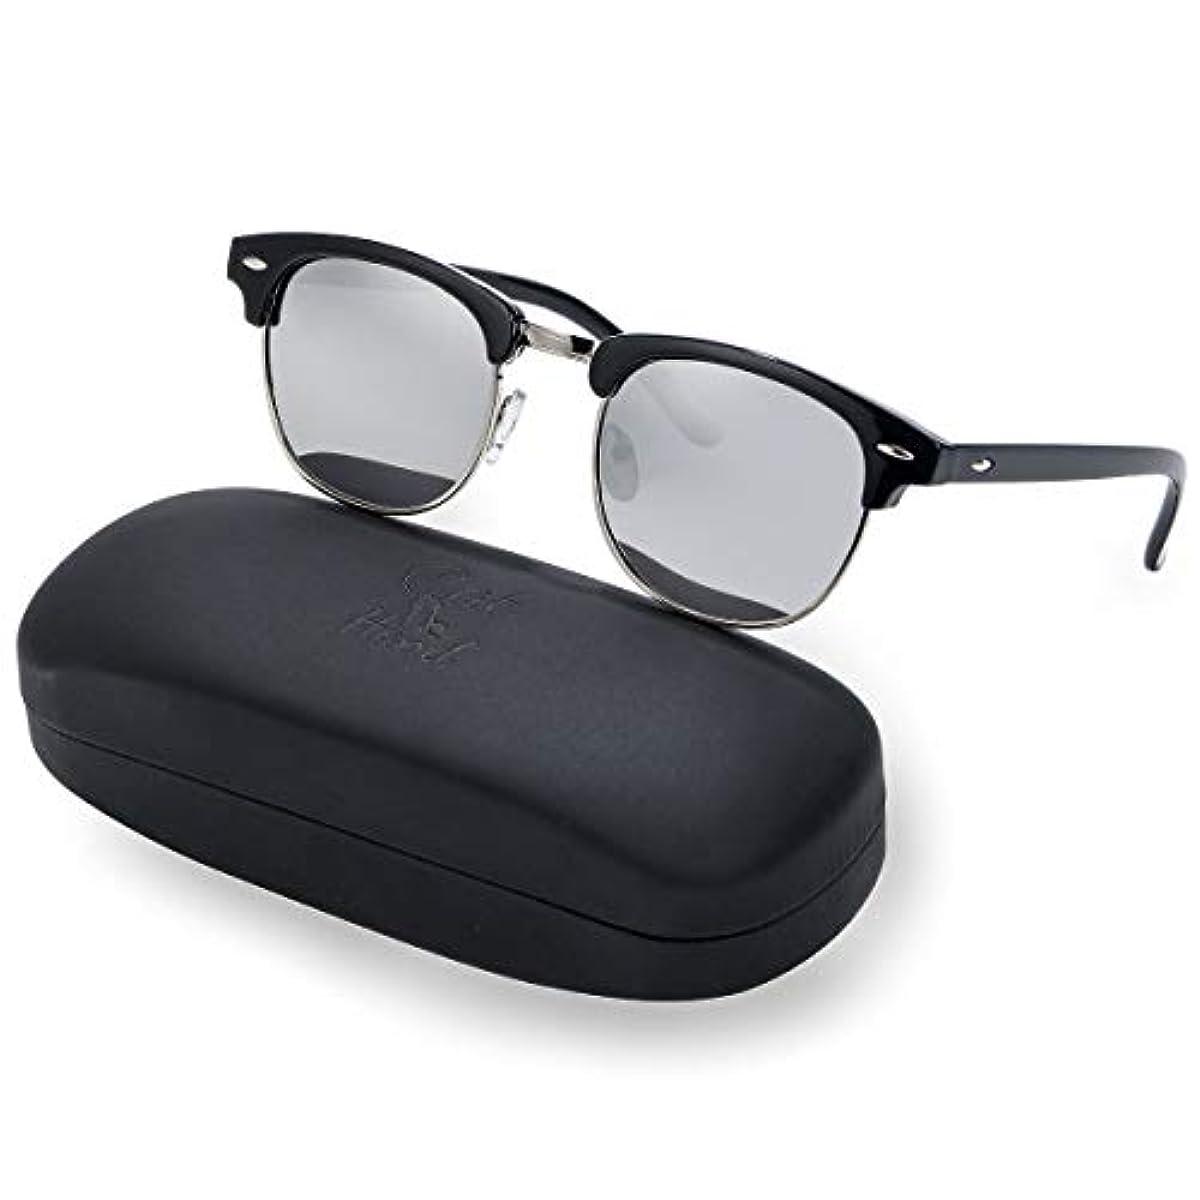 [해외] 캣 핸드 썬글라스 맨즈 편광 렌즈 새먼salmon도 블로우 퍼터입 클래식 UV 400 컷 자외선 방지